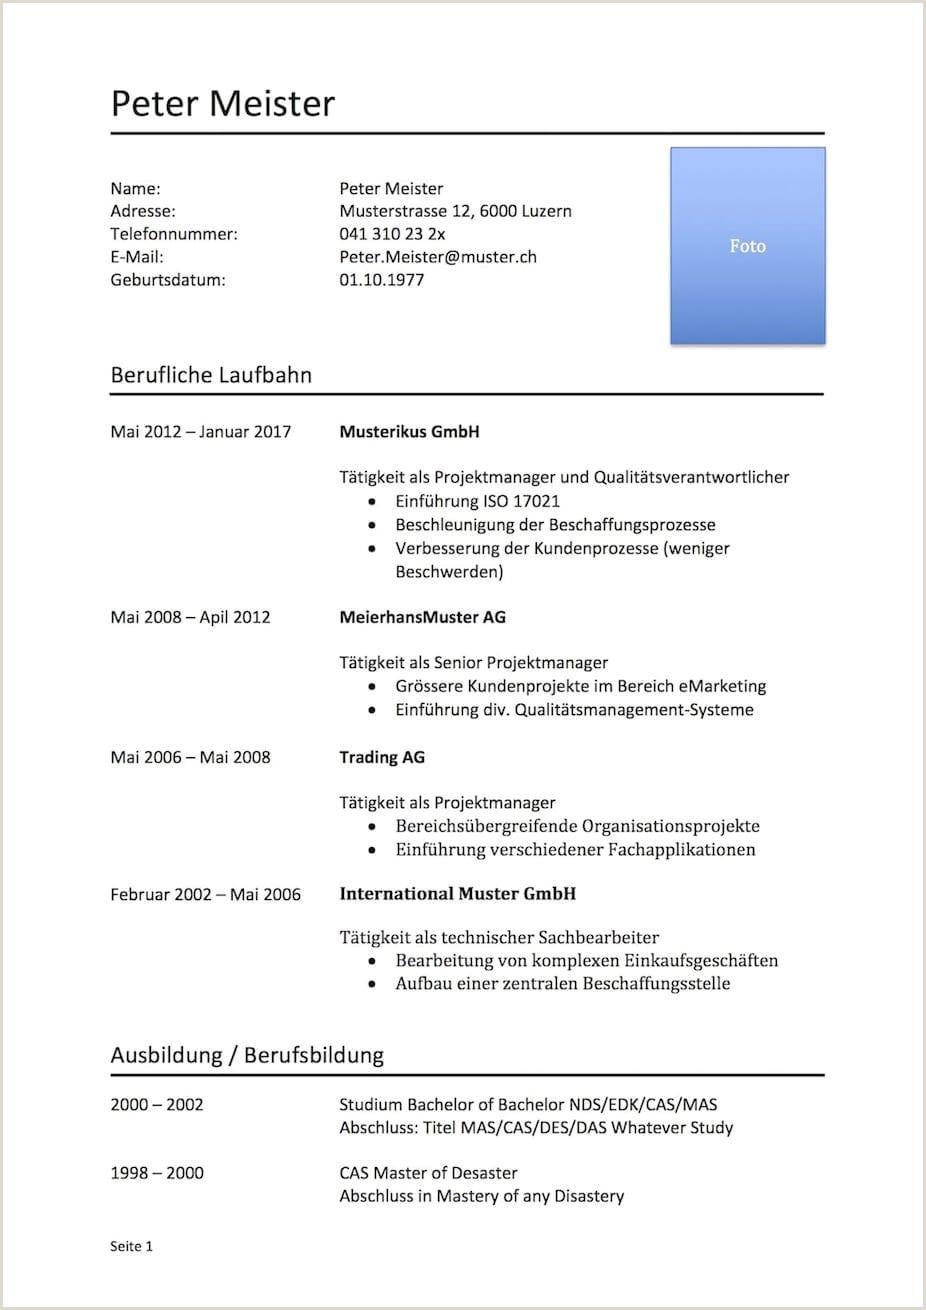 Lebenslauf Muster Hotellerie 15 Bewerbungsschreiben Lehrstelle